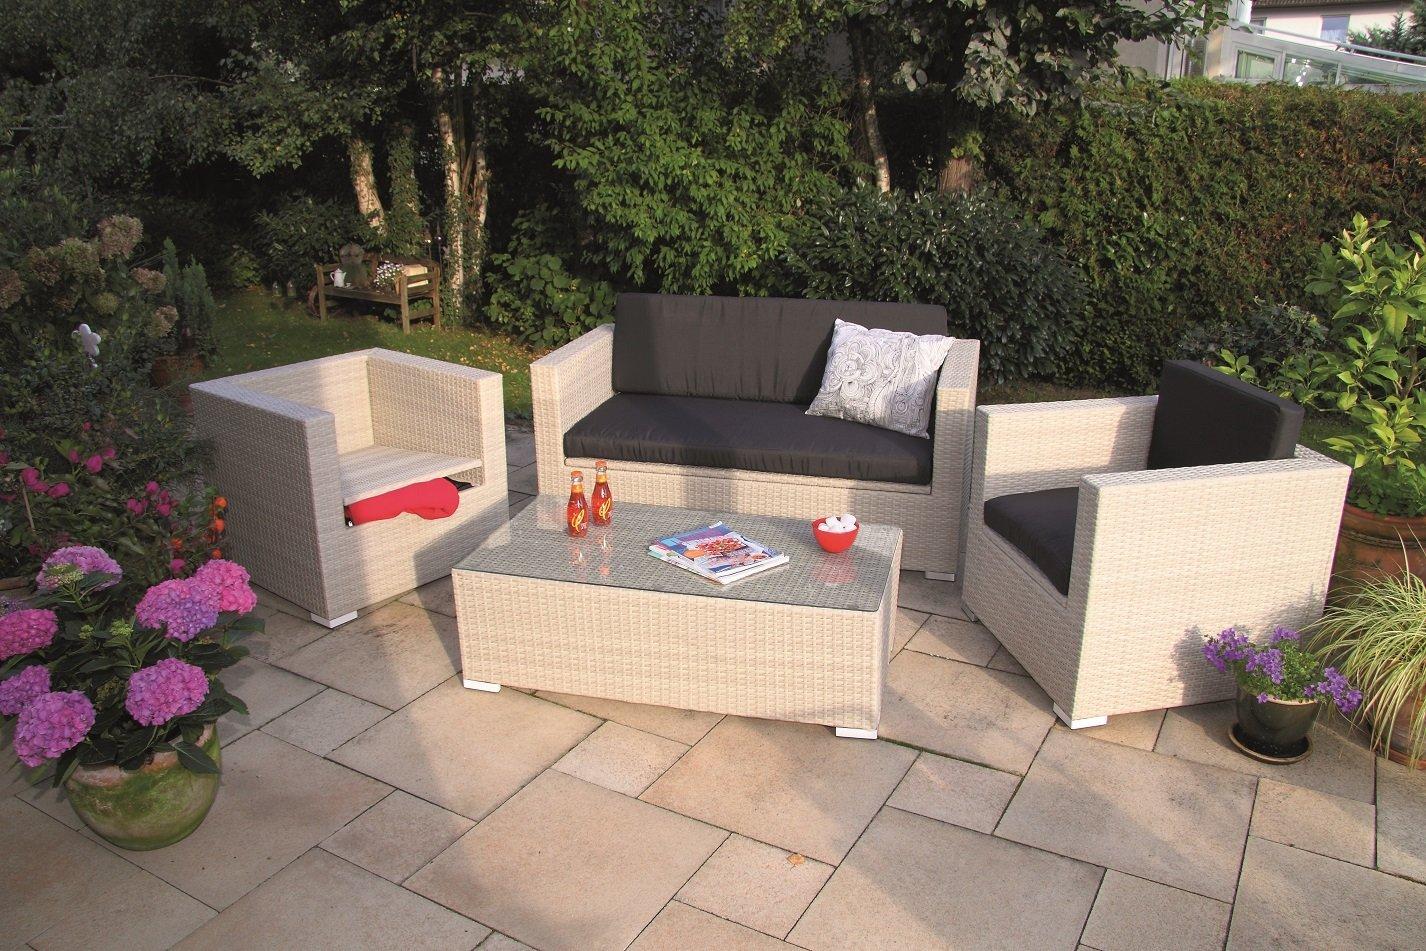 Luxus Poly Rattan Lounge Elba Storage Antikweiß mit integrierten Kissenboxen und wasserabweisenden Kissen von Forma Outdoor Living